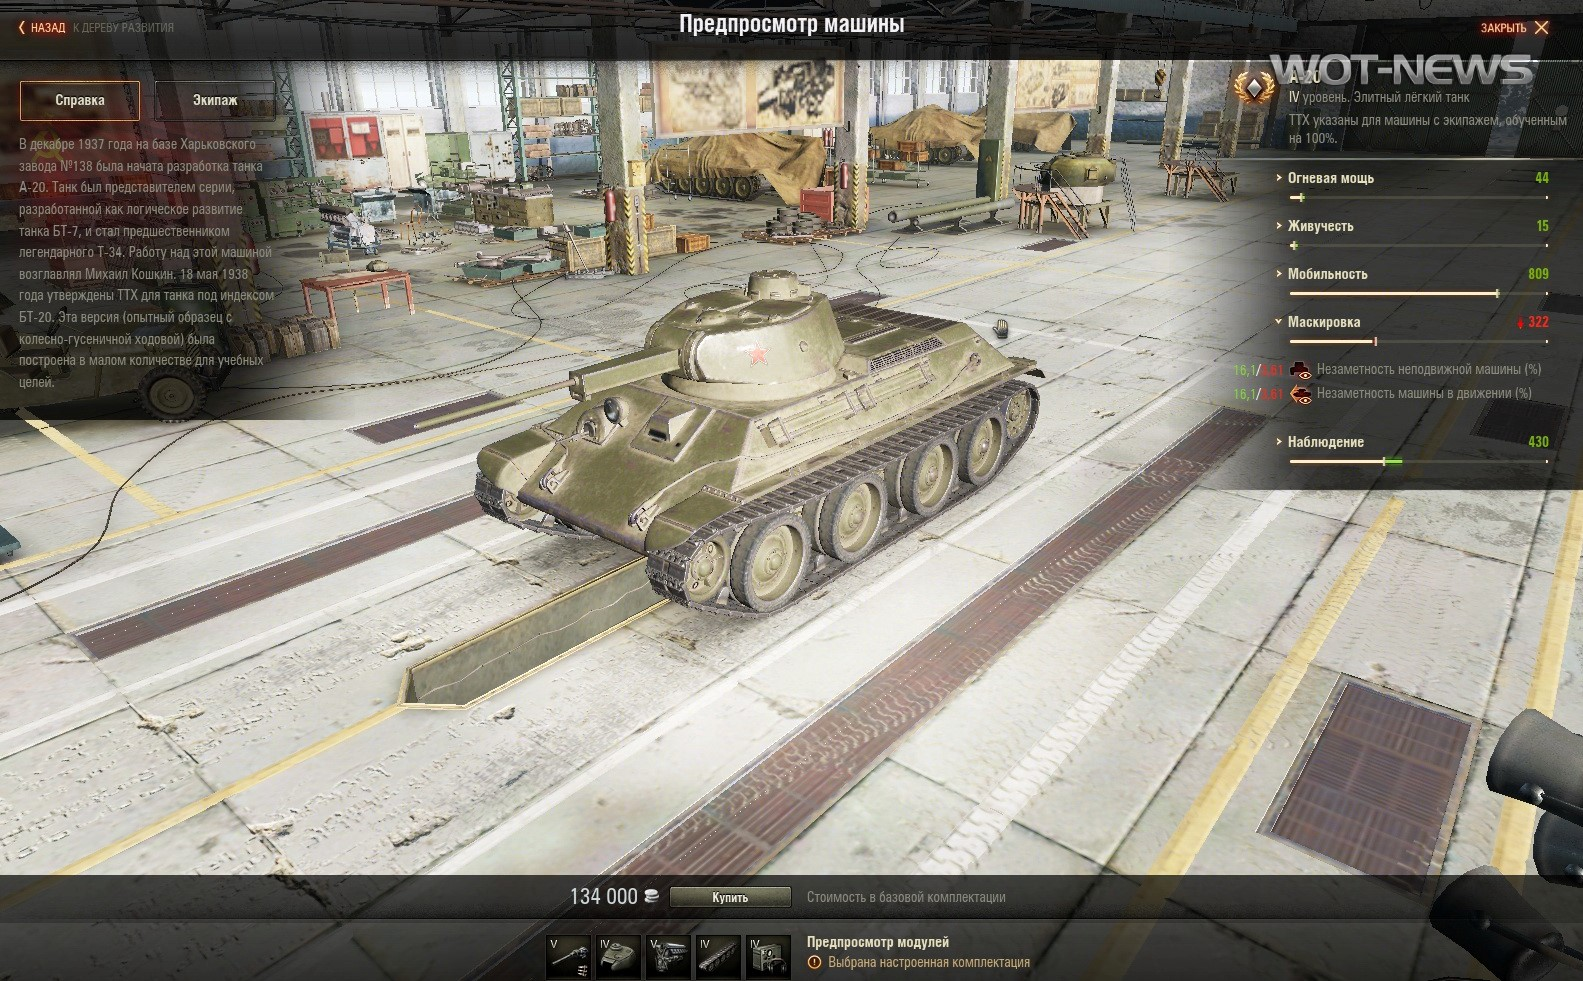 123 teach me tank game - 123 Teach Me Tank Game 0